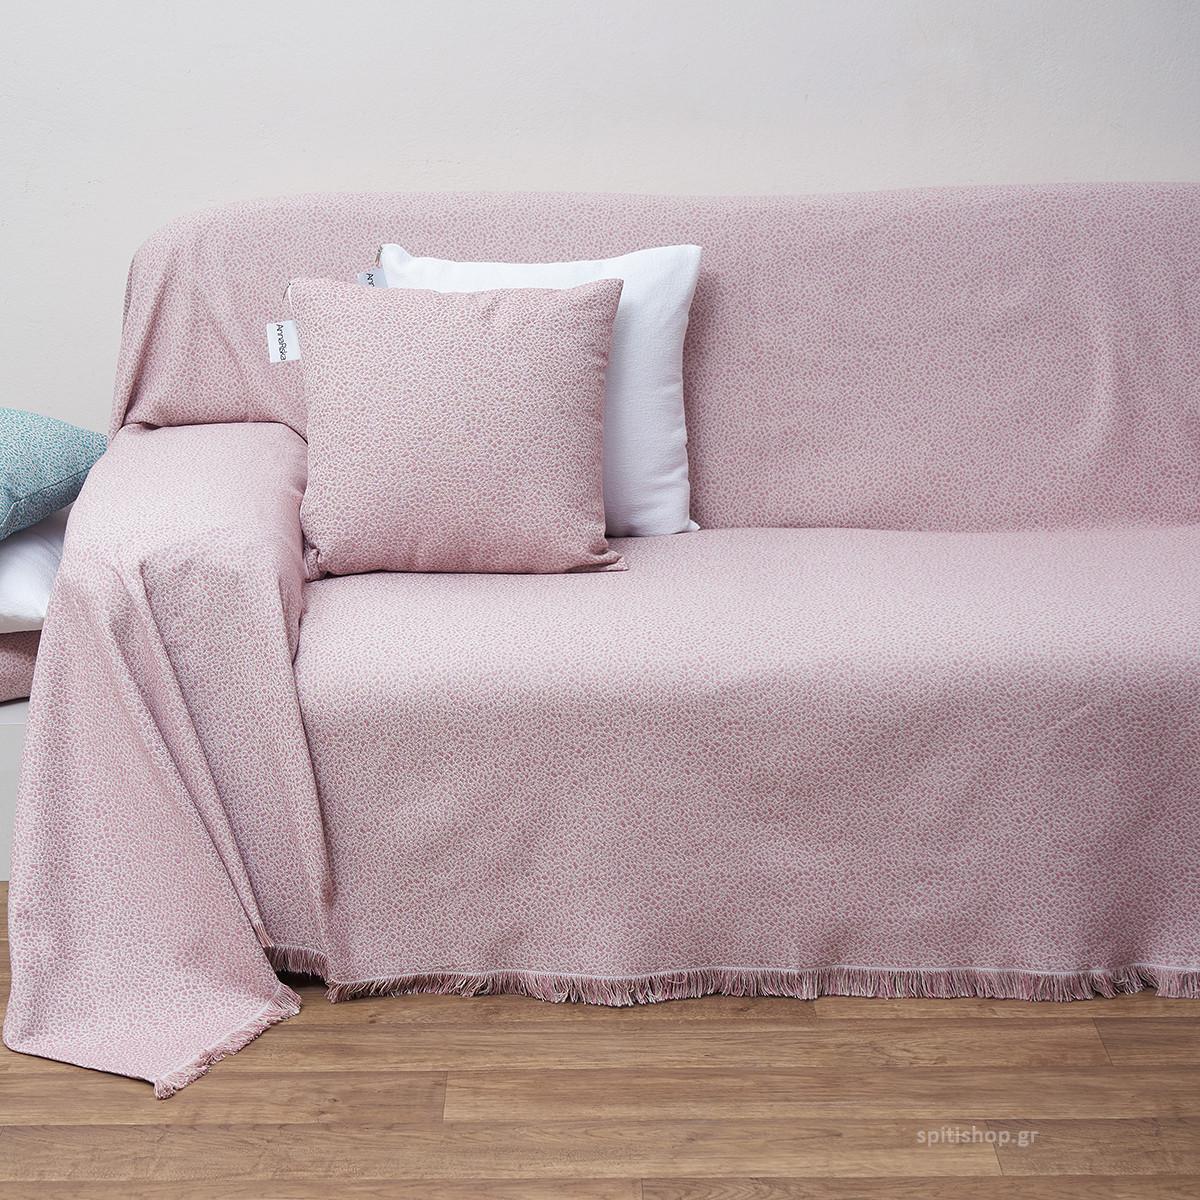 Ριχτάρι Διθέσιου (180×240) Anna Riska Des 1554 Blush Pink